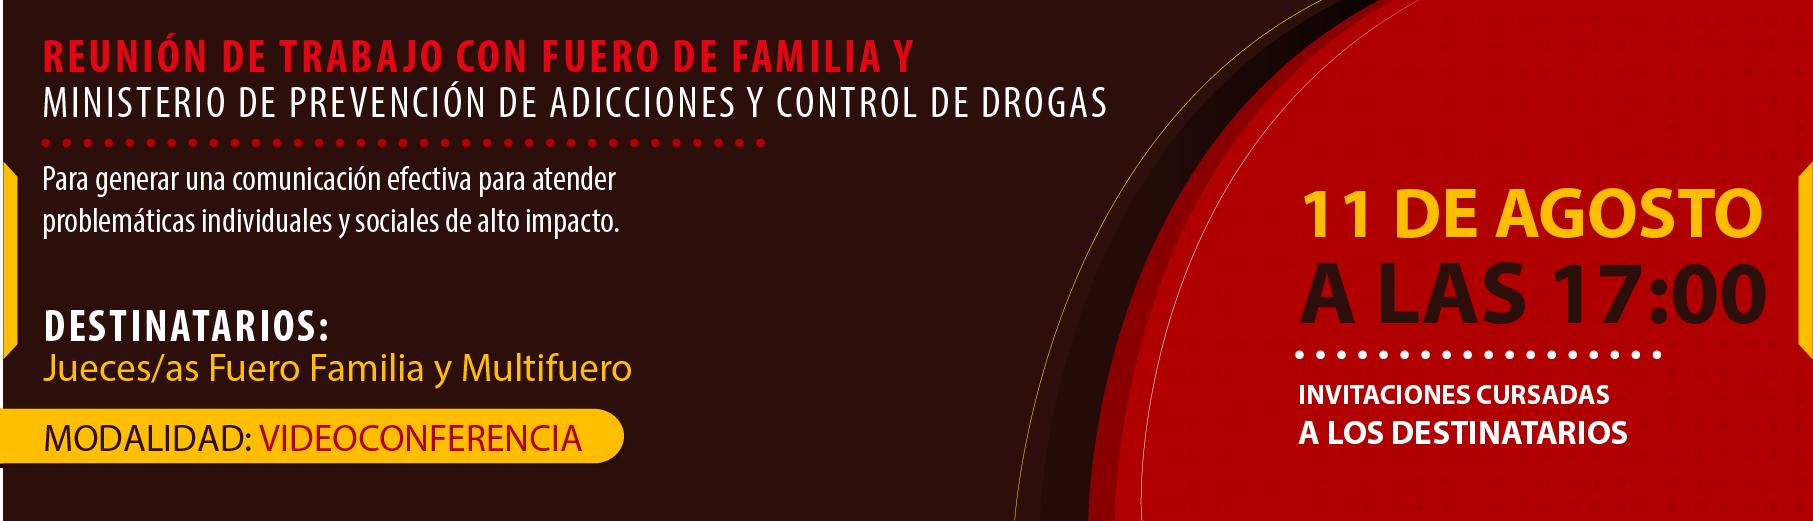 REUNIÓN DE TRABAJO CON FUERO DE FAMILIA Y MINISTERIO DE PREVENCIÓN DE ADICCIONES Y CONTROL DE DROGAS